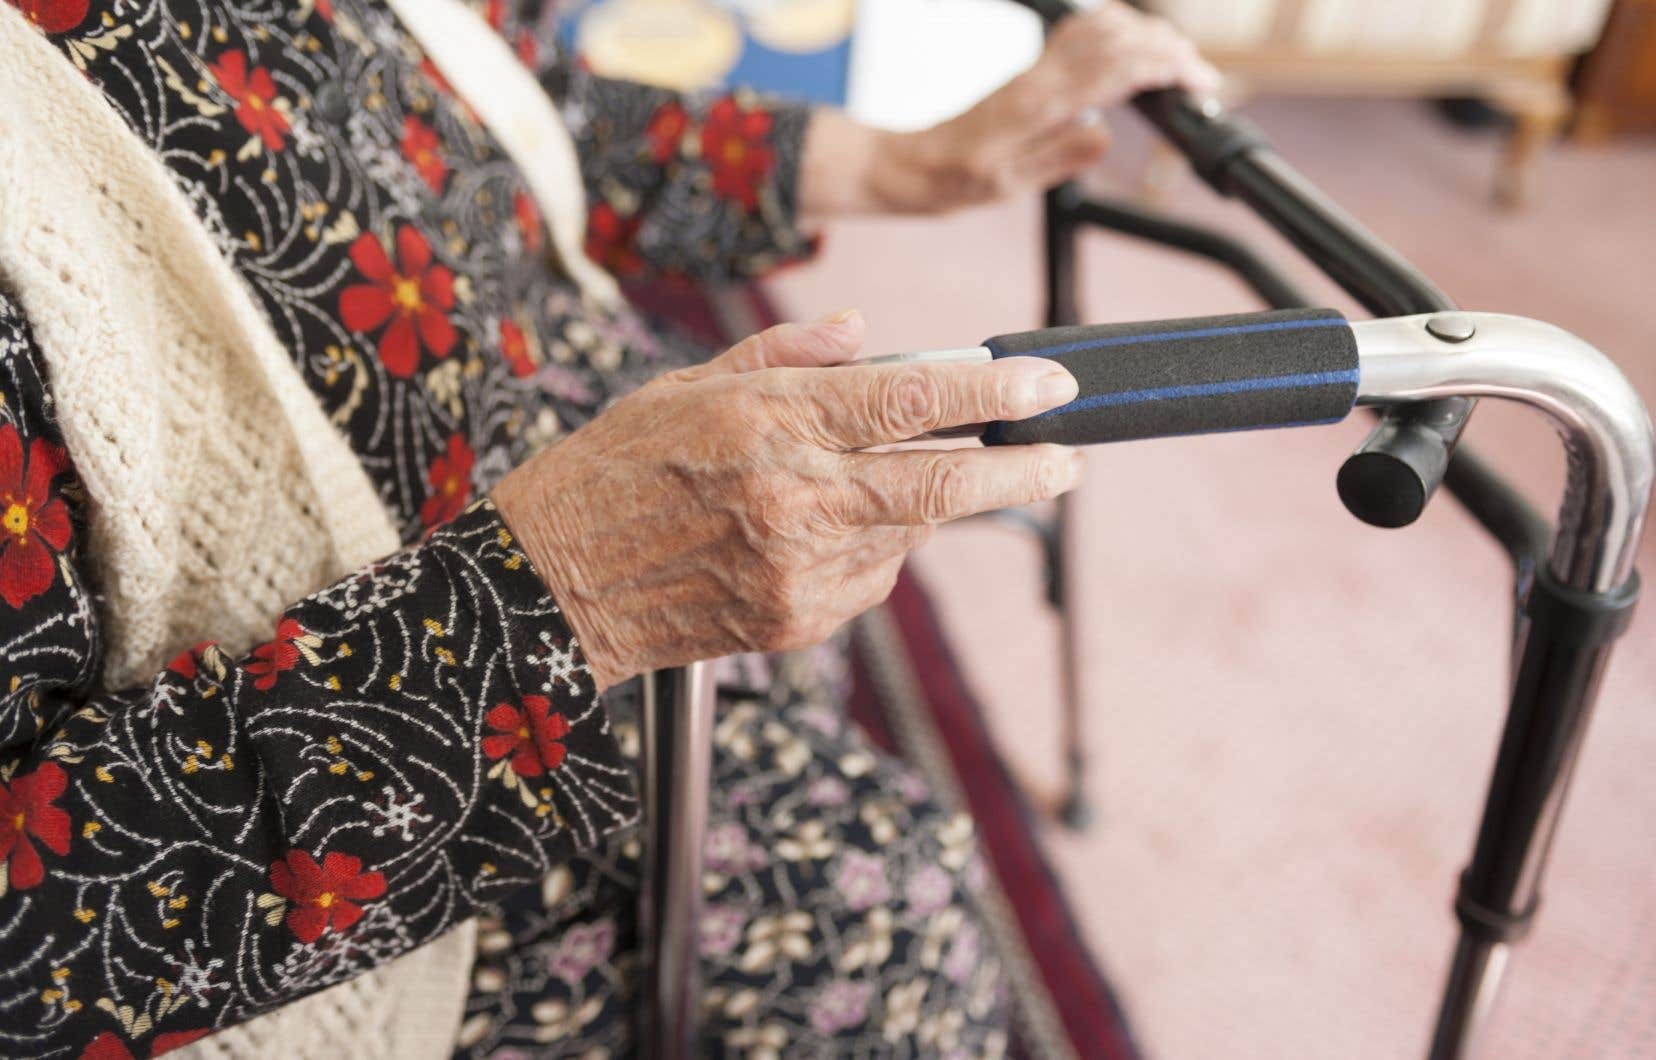 Depuis janvier 2021, plus de 660 décès ont été rapportés à domicile, majoritairement des personnes âgées, soit plus que dans l'ensemble des CHSLD (531), et que dans les résidences pour aînés (495).